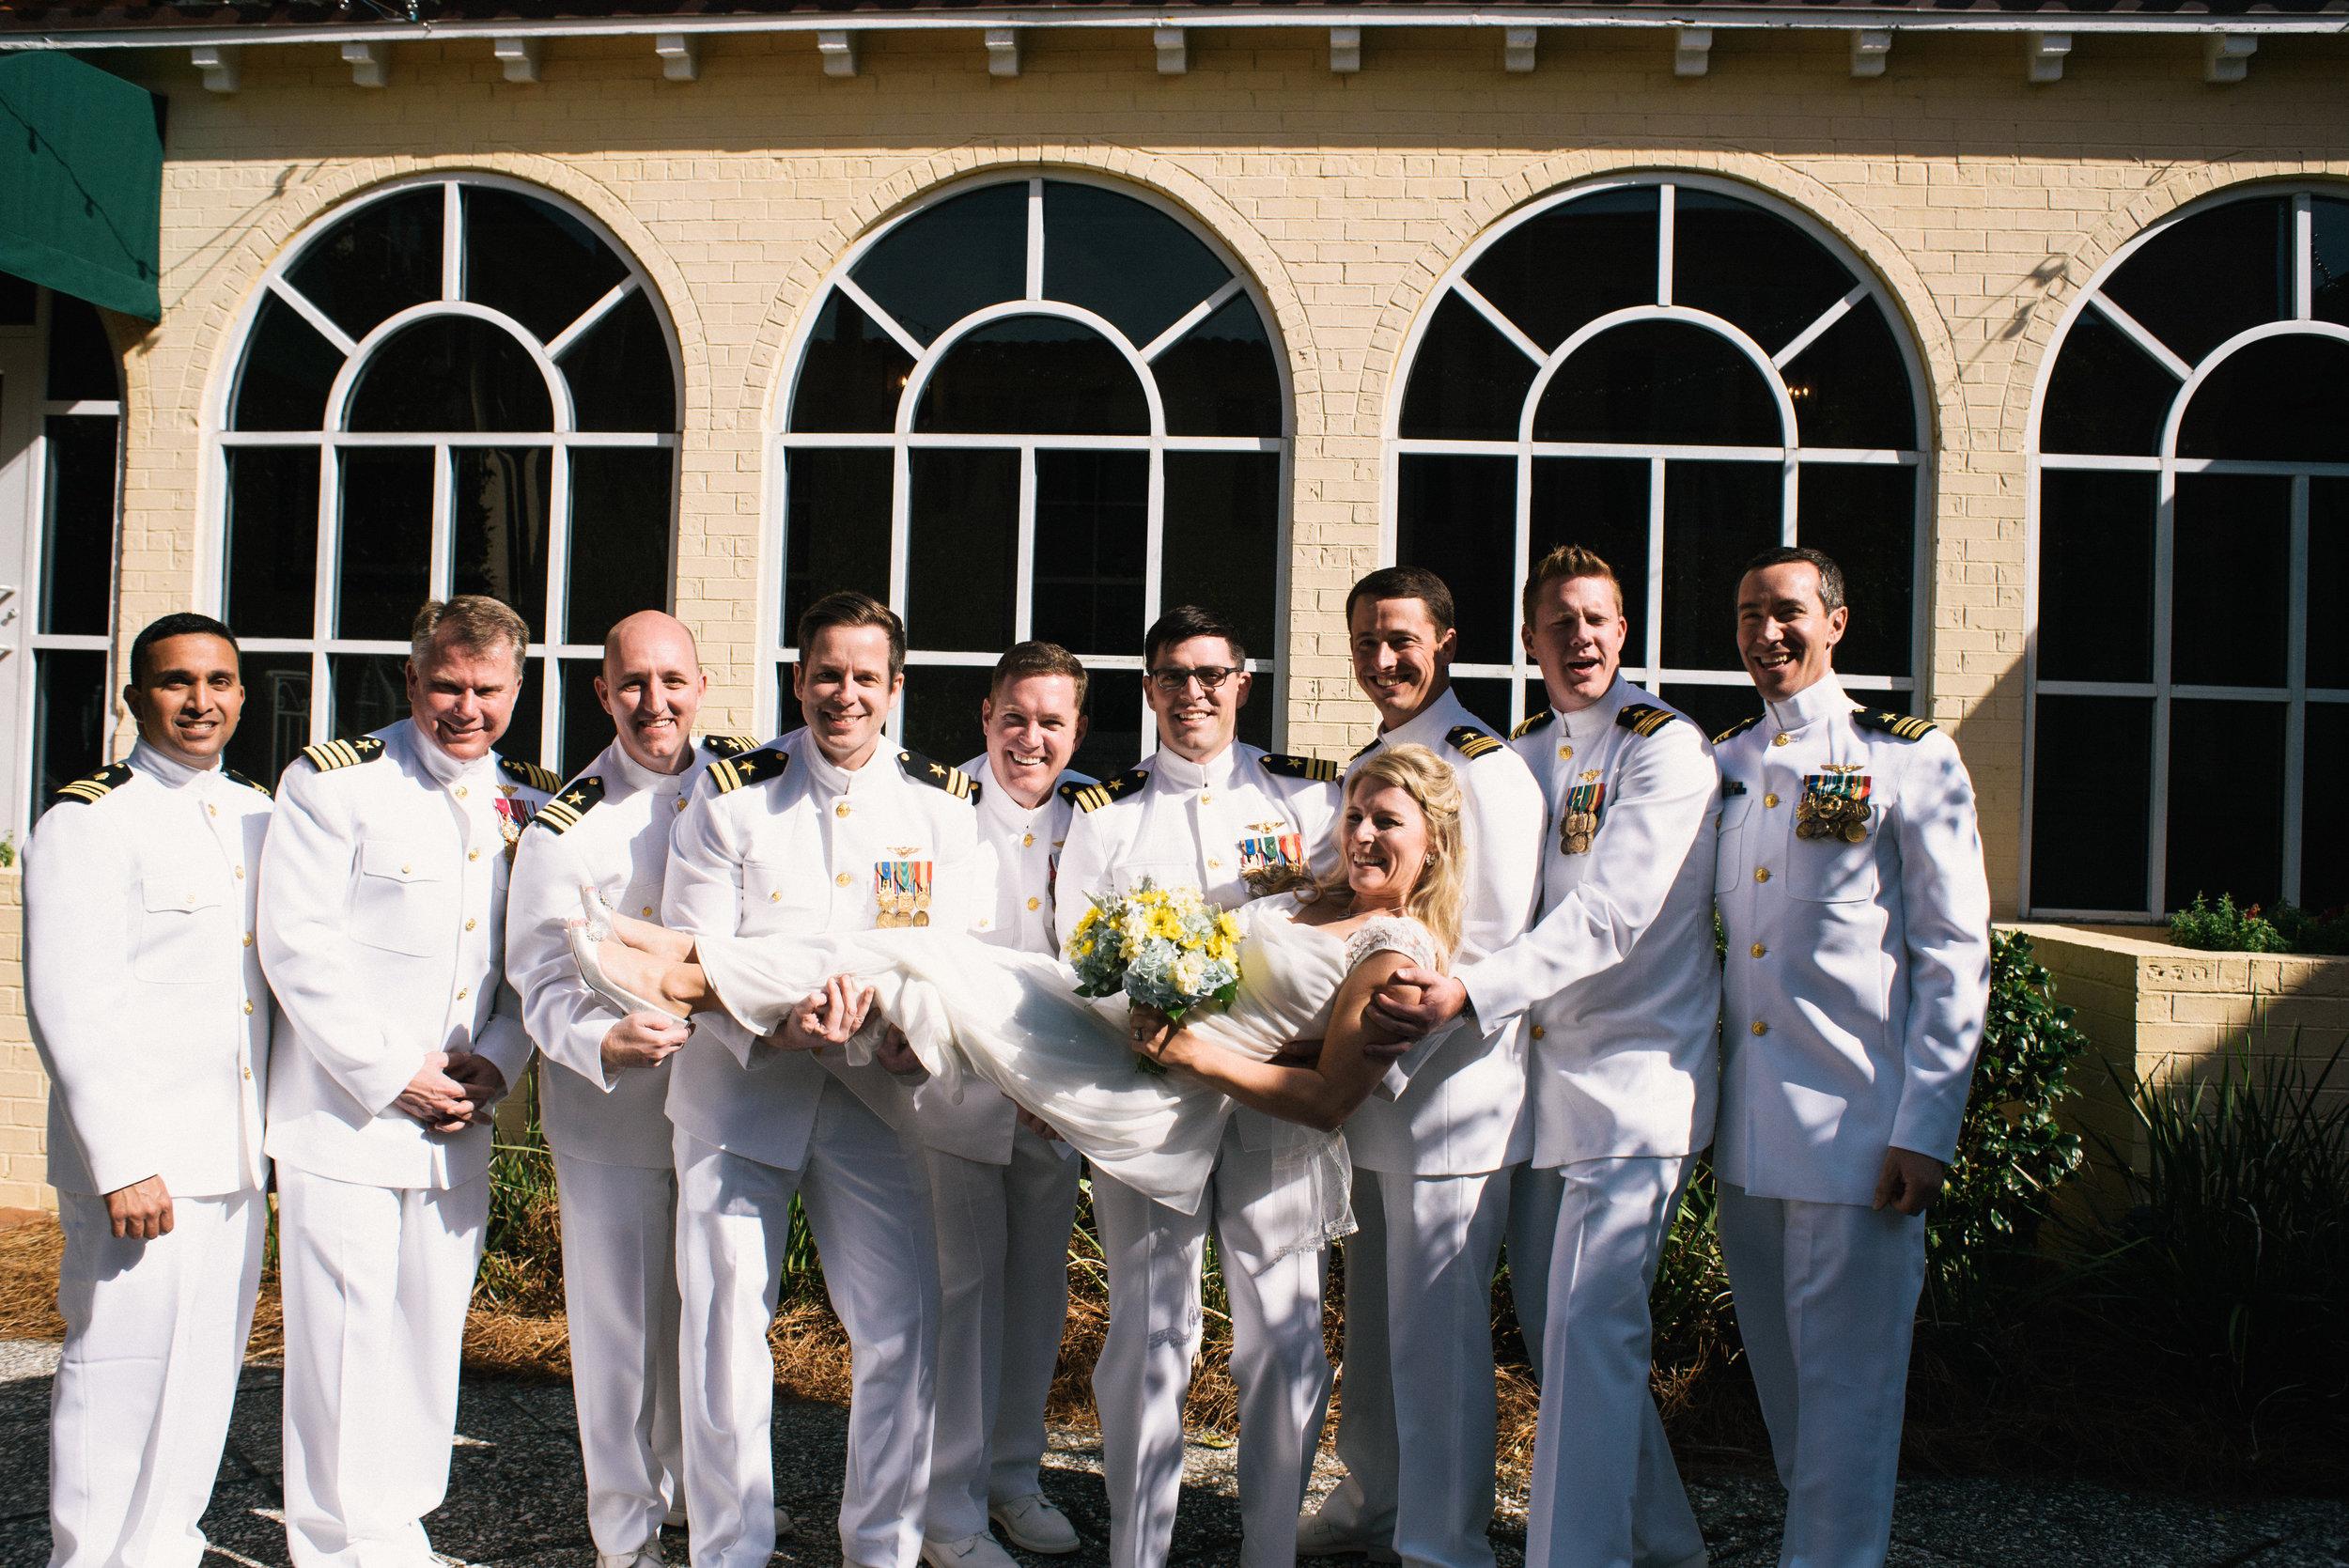 st-simons-island-elopement-photographer-savannah-elopement-photography-savannah-georgia-elopement-photographer-savannah-wedding-photographer-meg-hill-photo-jade-hill- (20 of 72).jpg